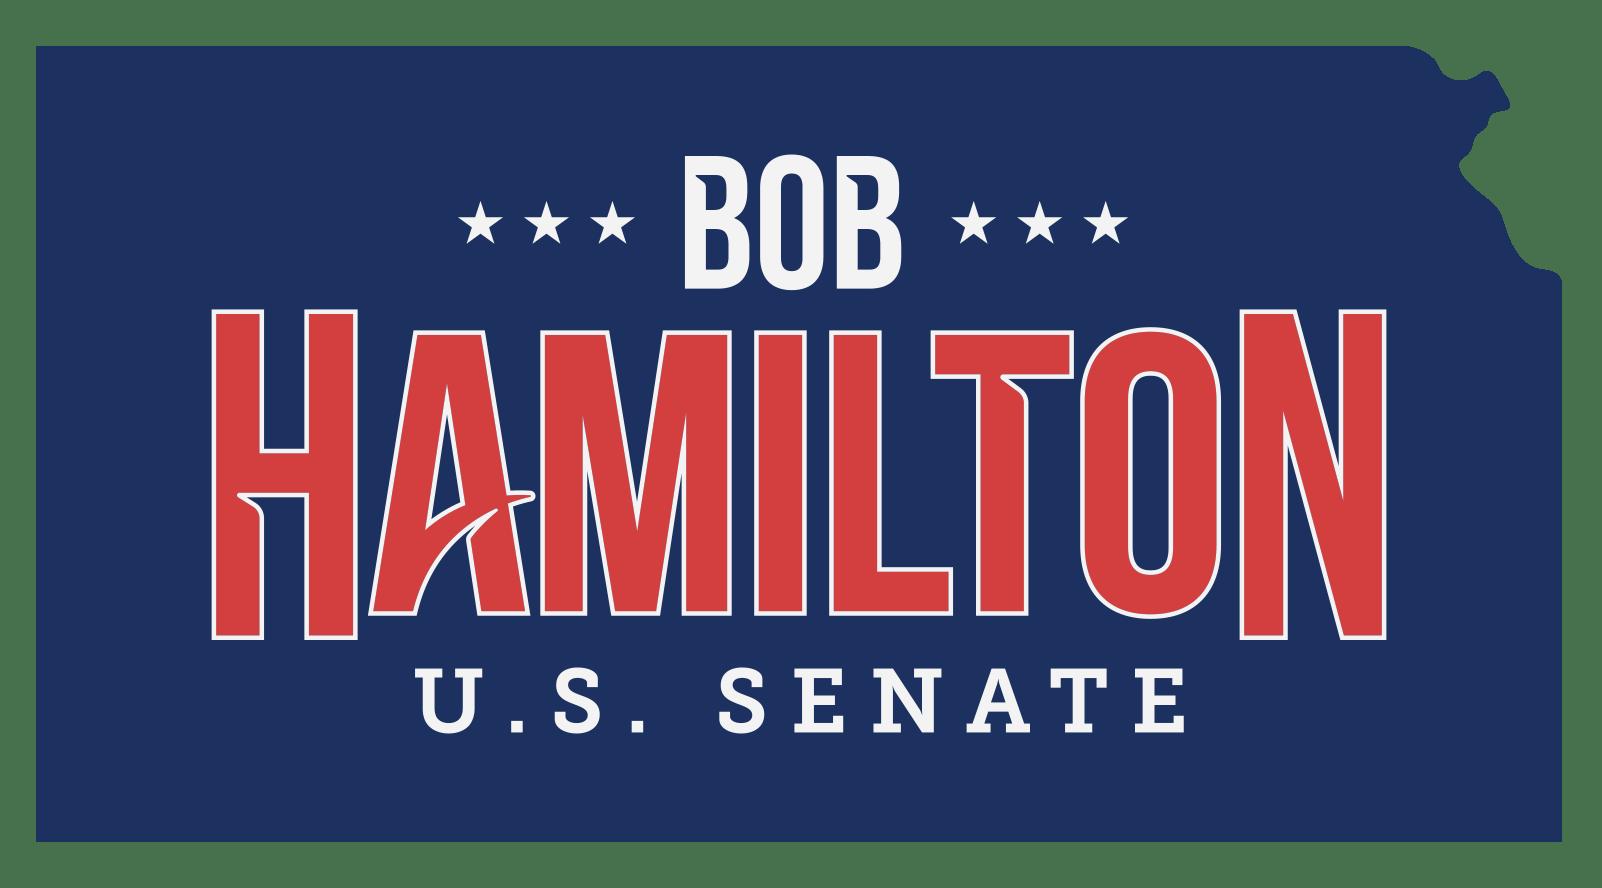 Hamilton primary a